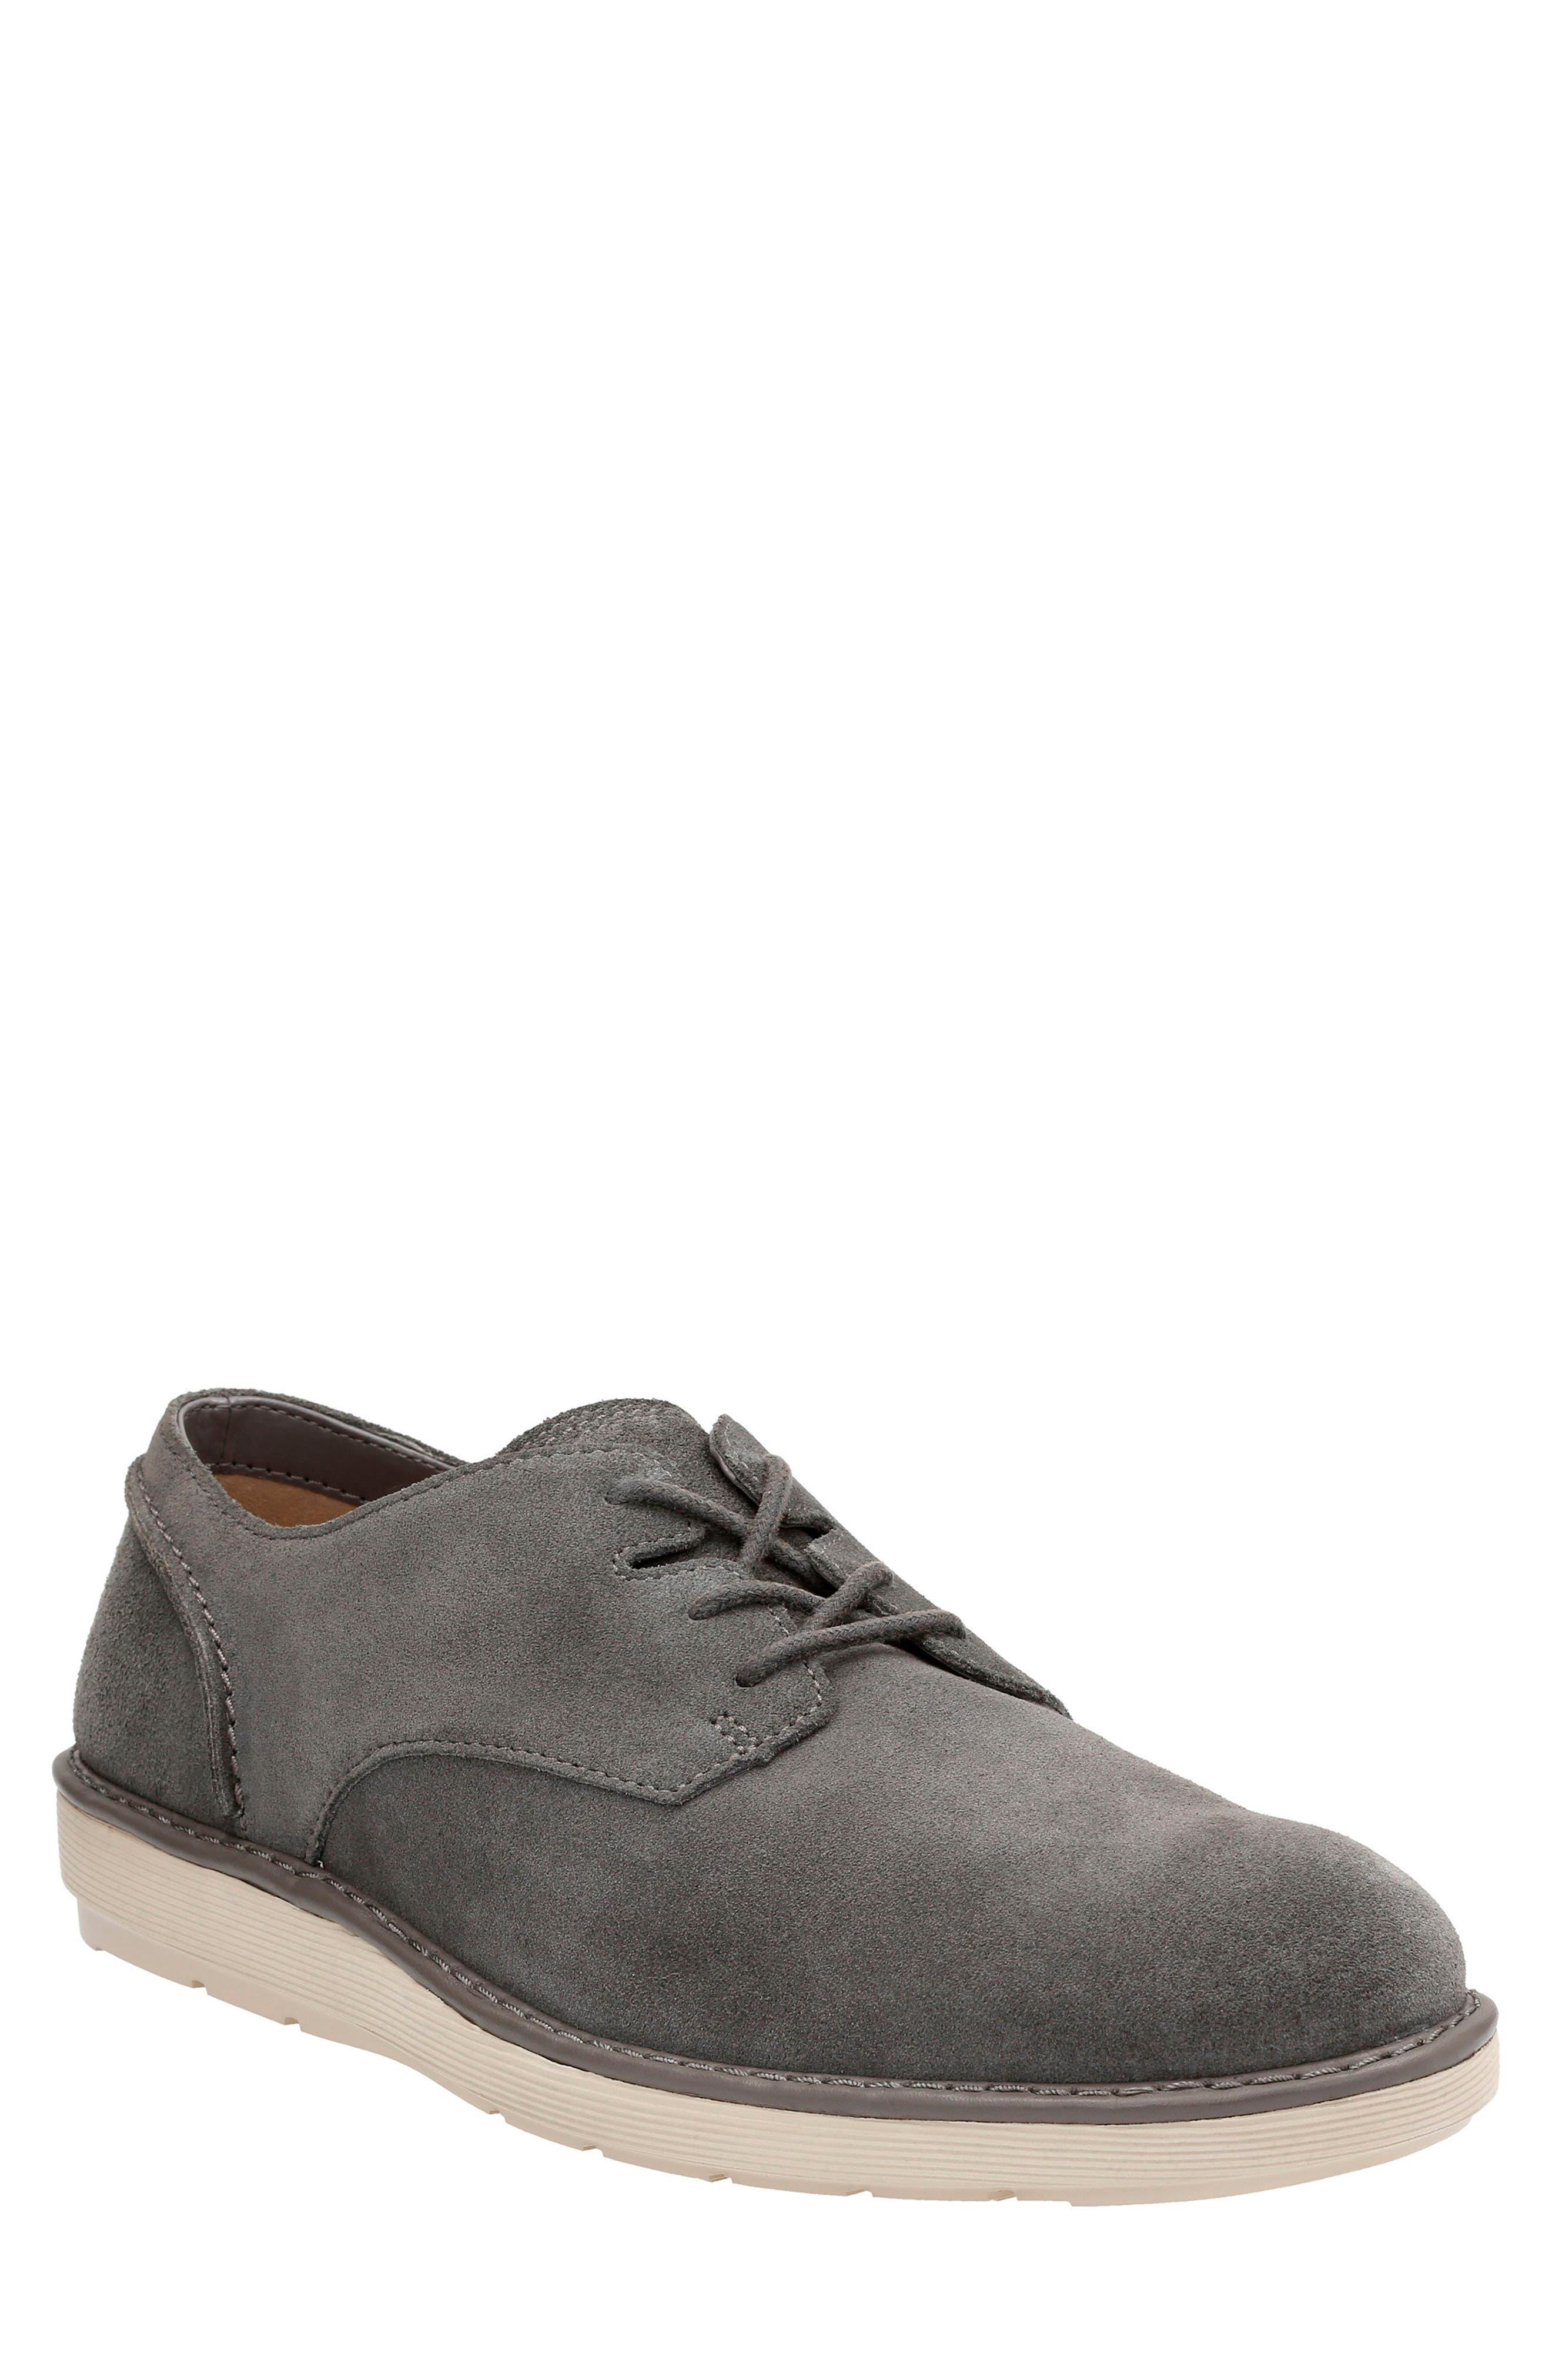 Fayeman Plain Toe Derby,                         Main,                         color, Dark Grey Suede